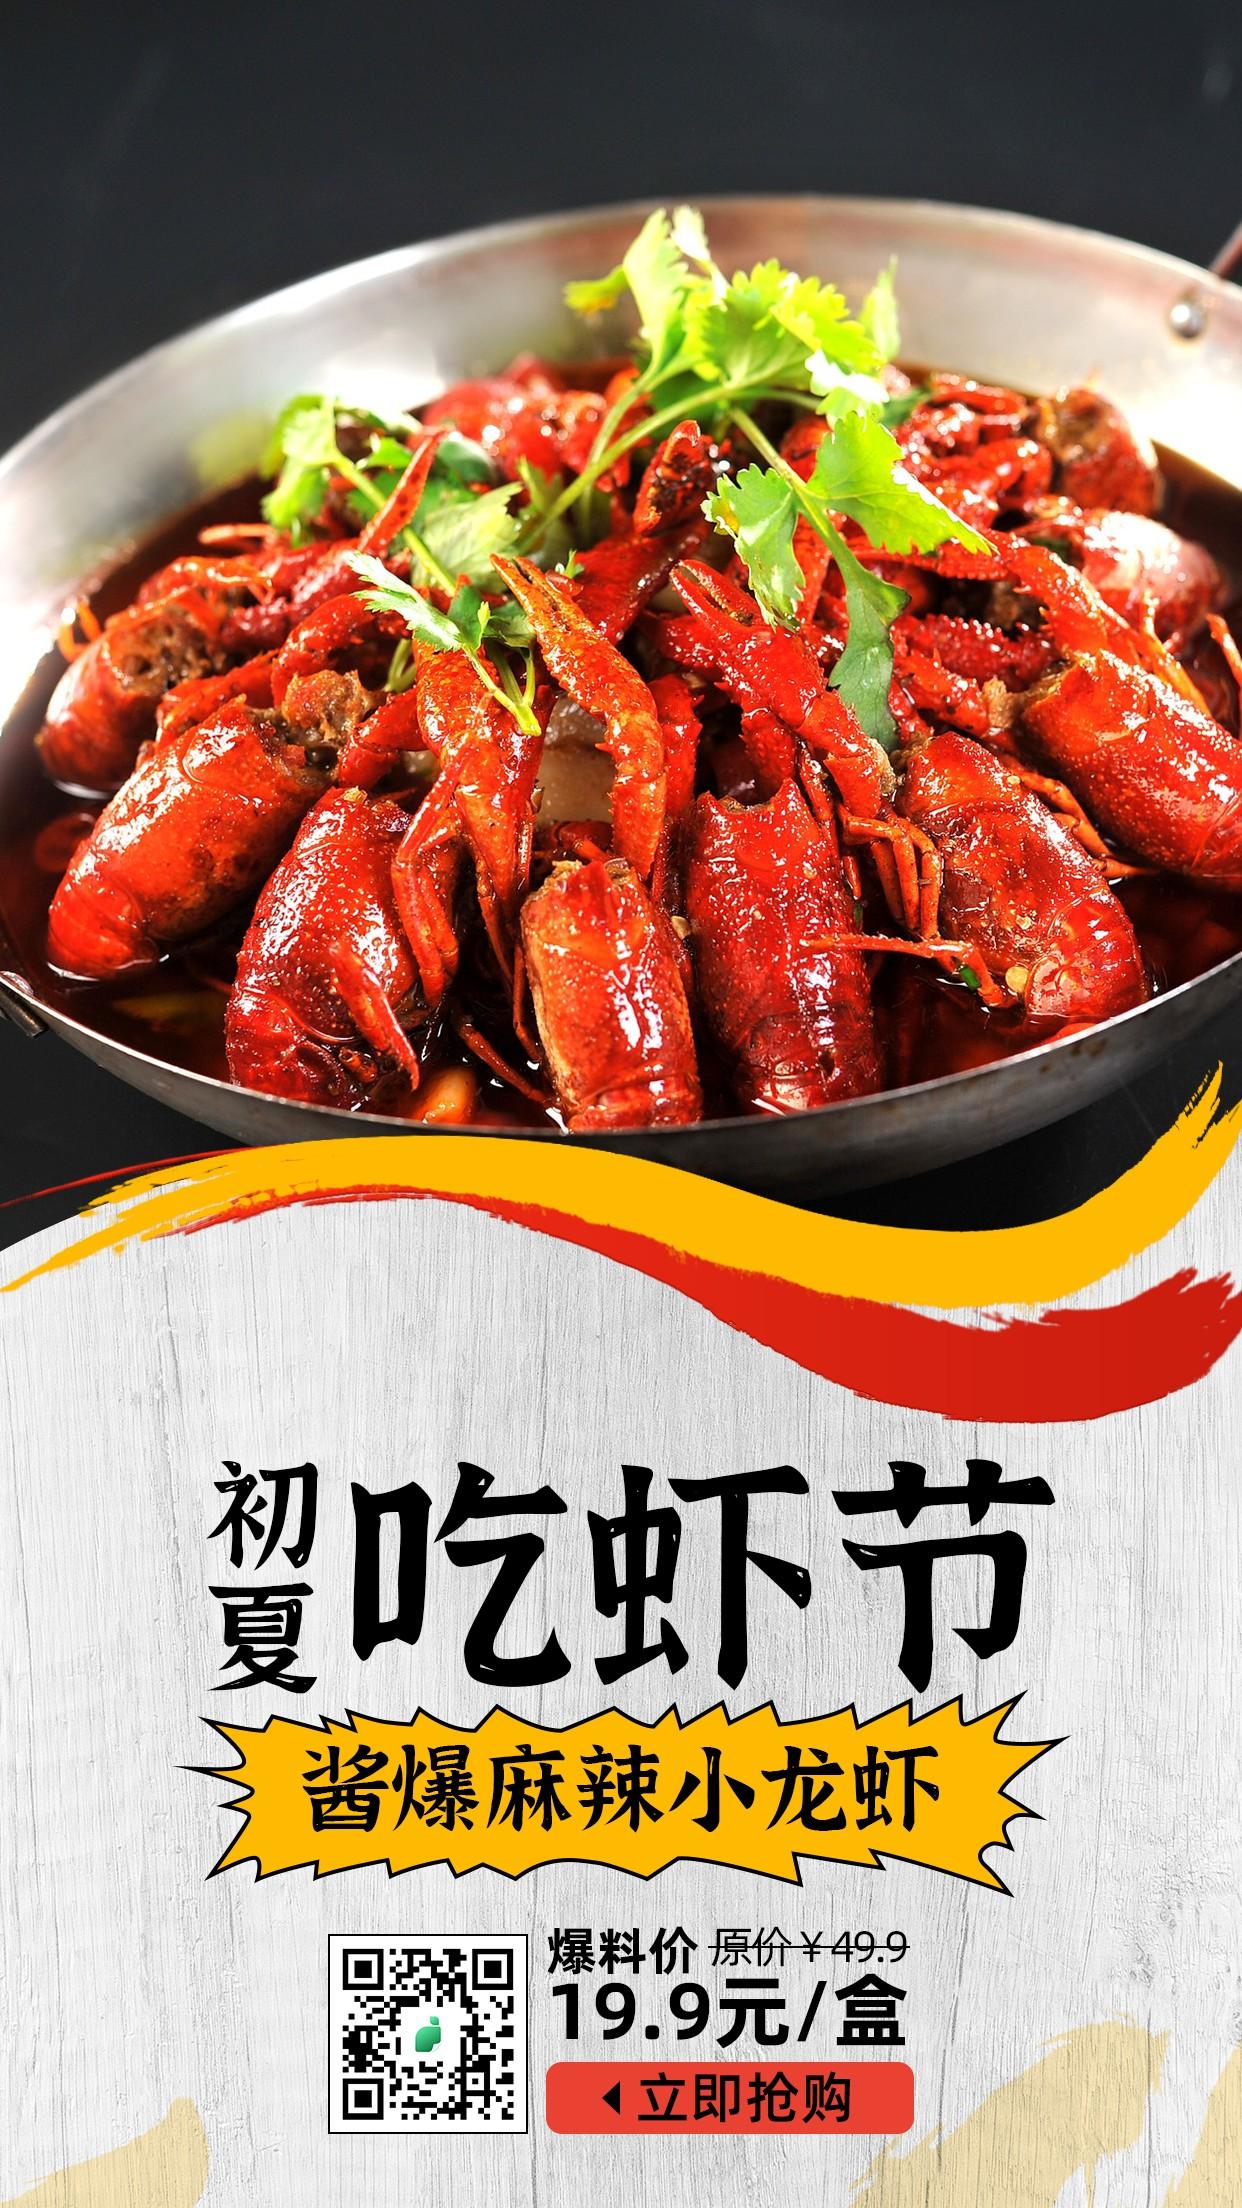 喜庆餐饮美食吃虾节手机海报